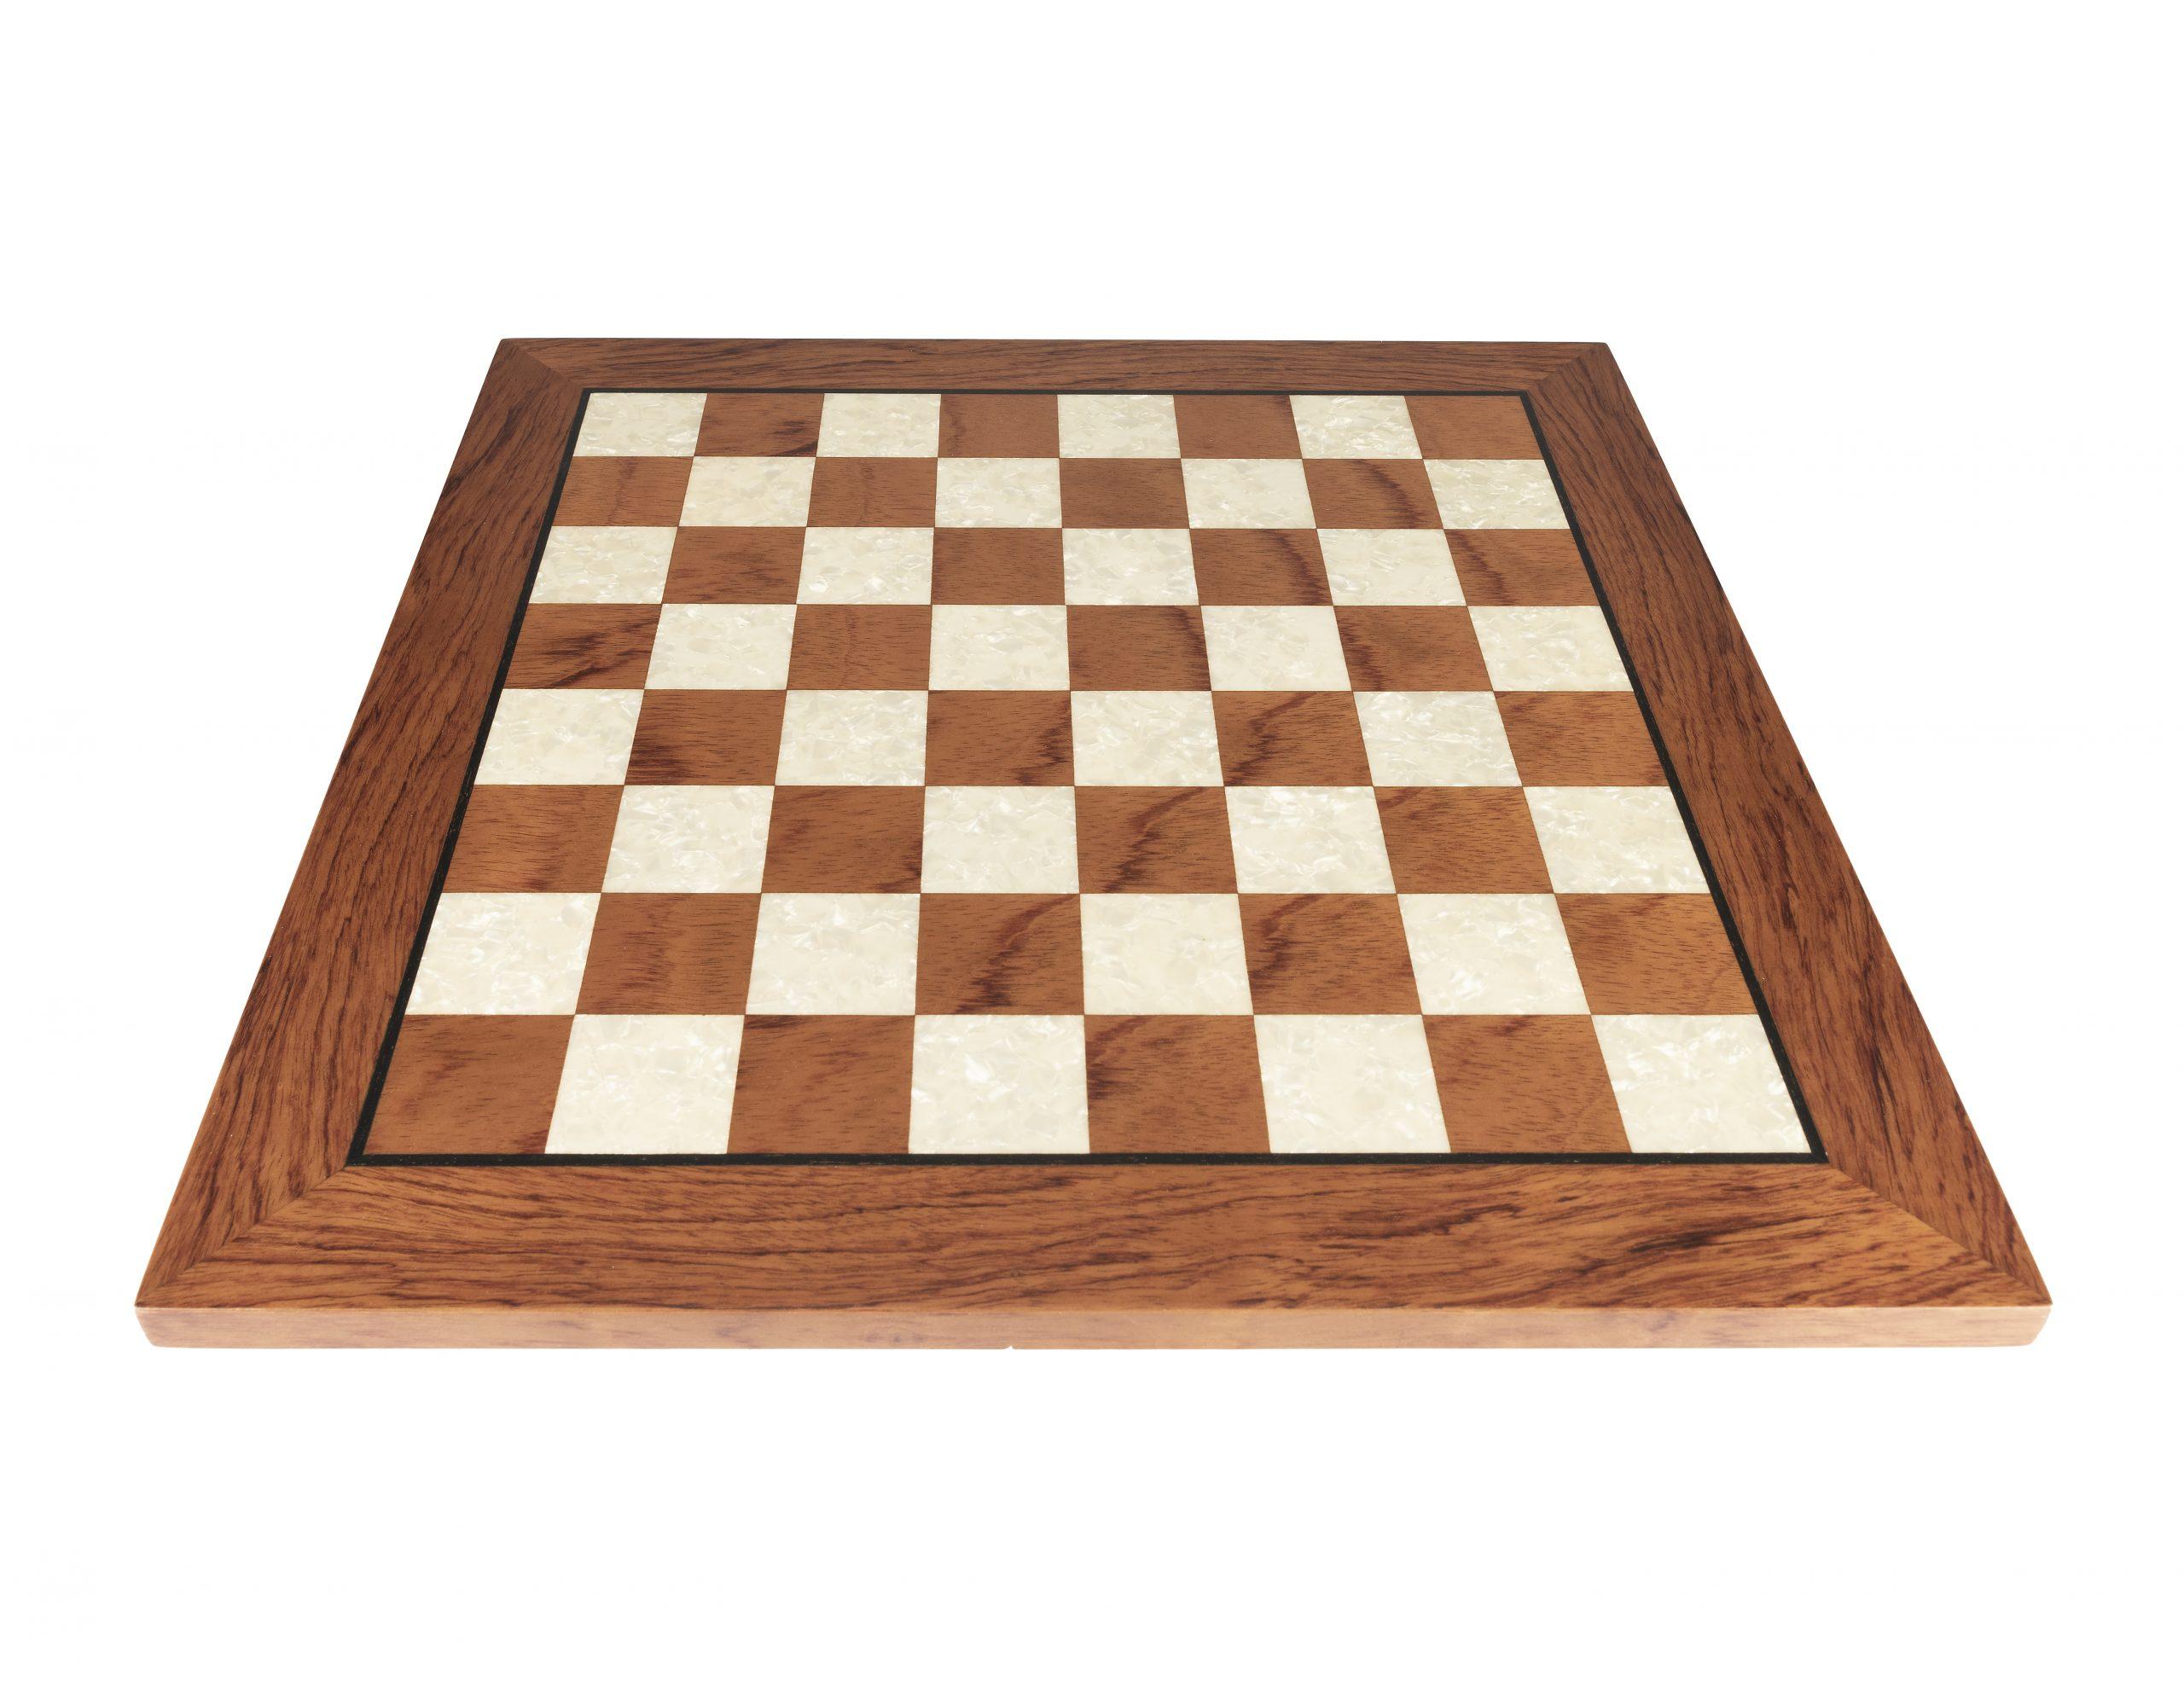 Oak Chess Board